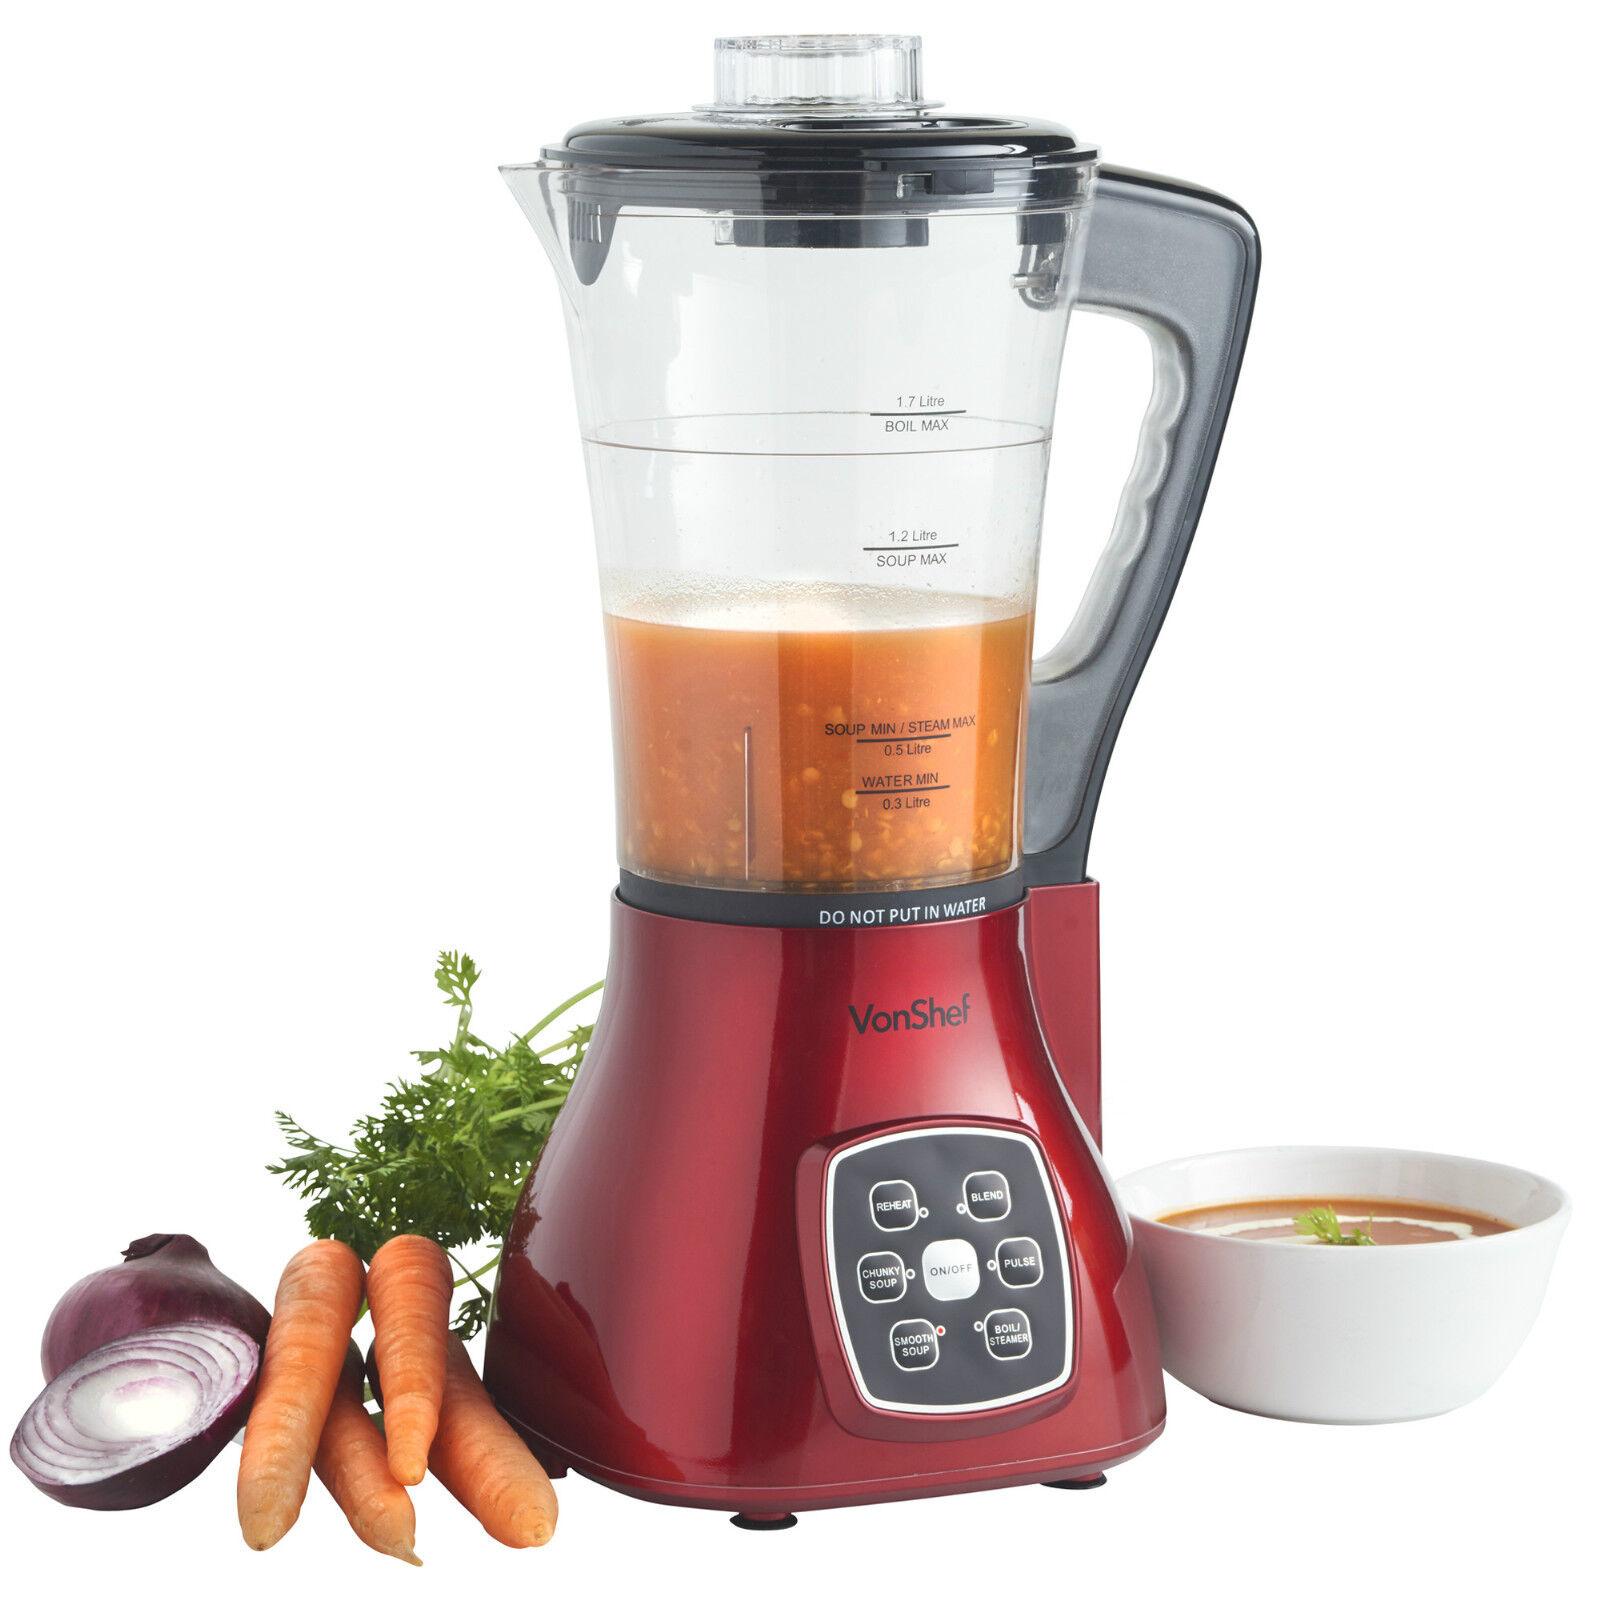 vonshef soup maker red juicer smoothie machine electric. Black Bedroom Furniture Sets. Home Design Ideas